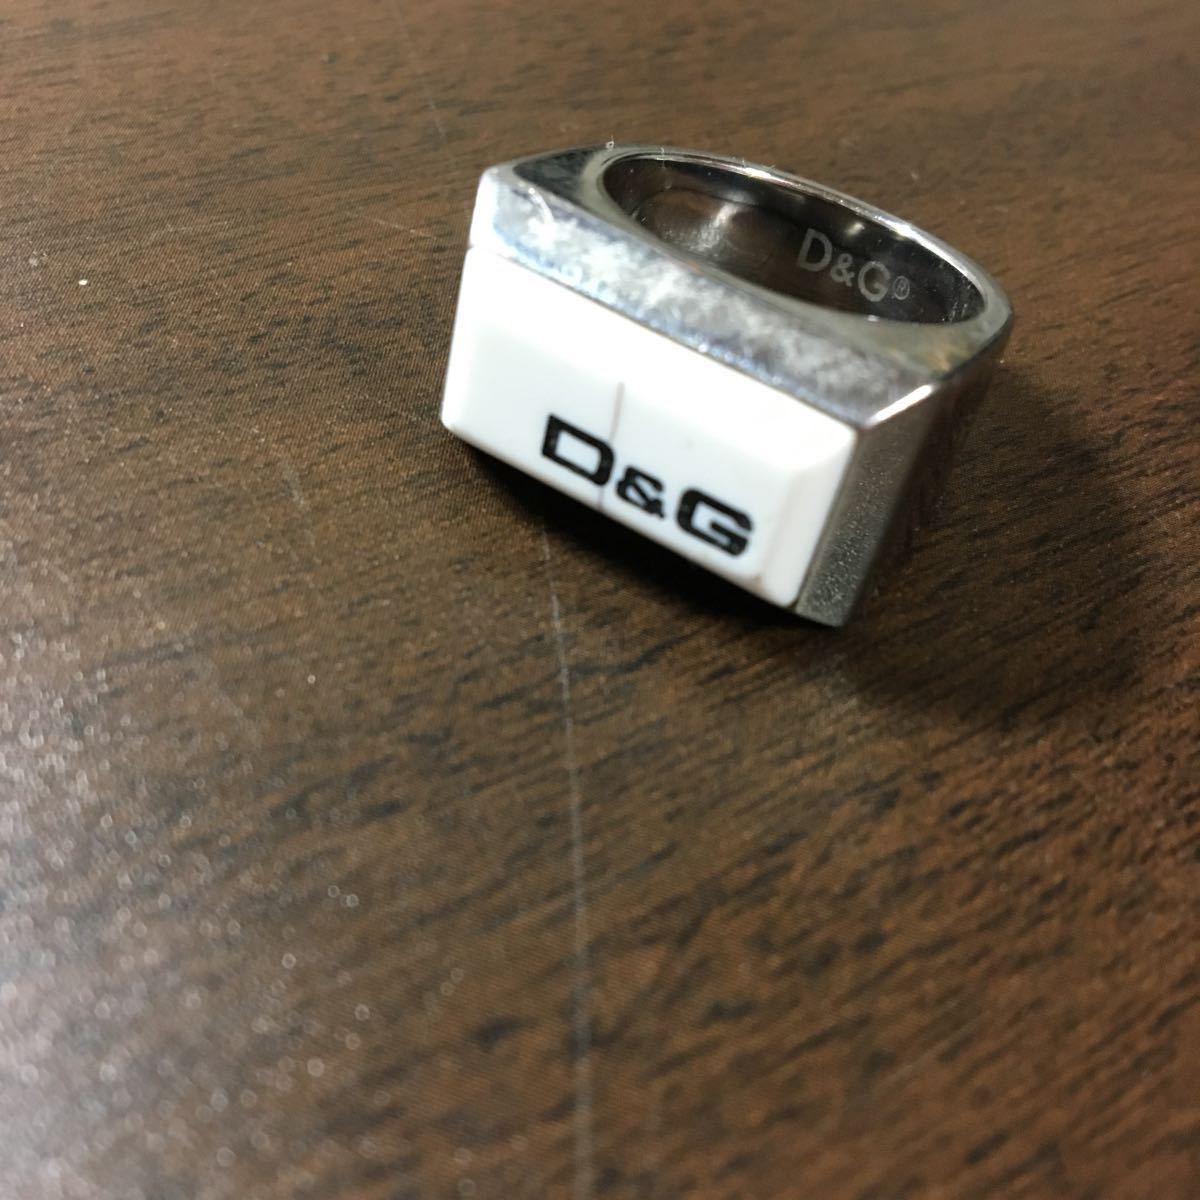 D&G DOLCE&GABBANA ドルチェ&ガッバーナ 指輪